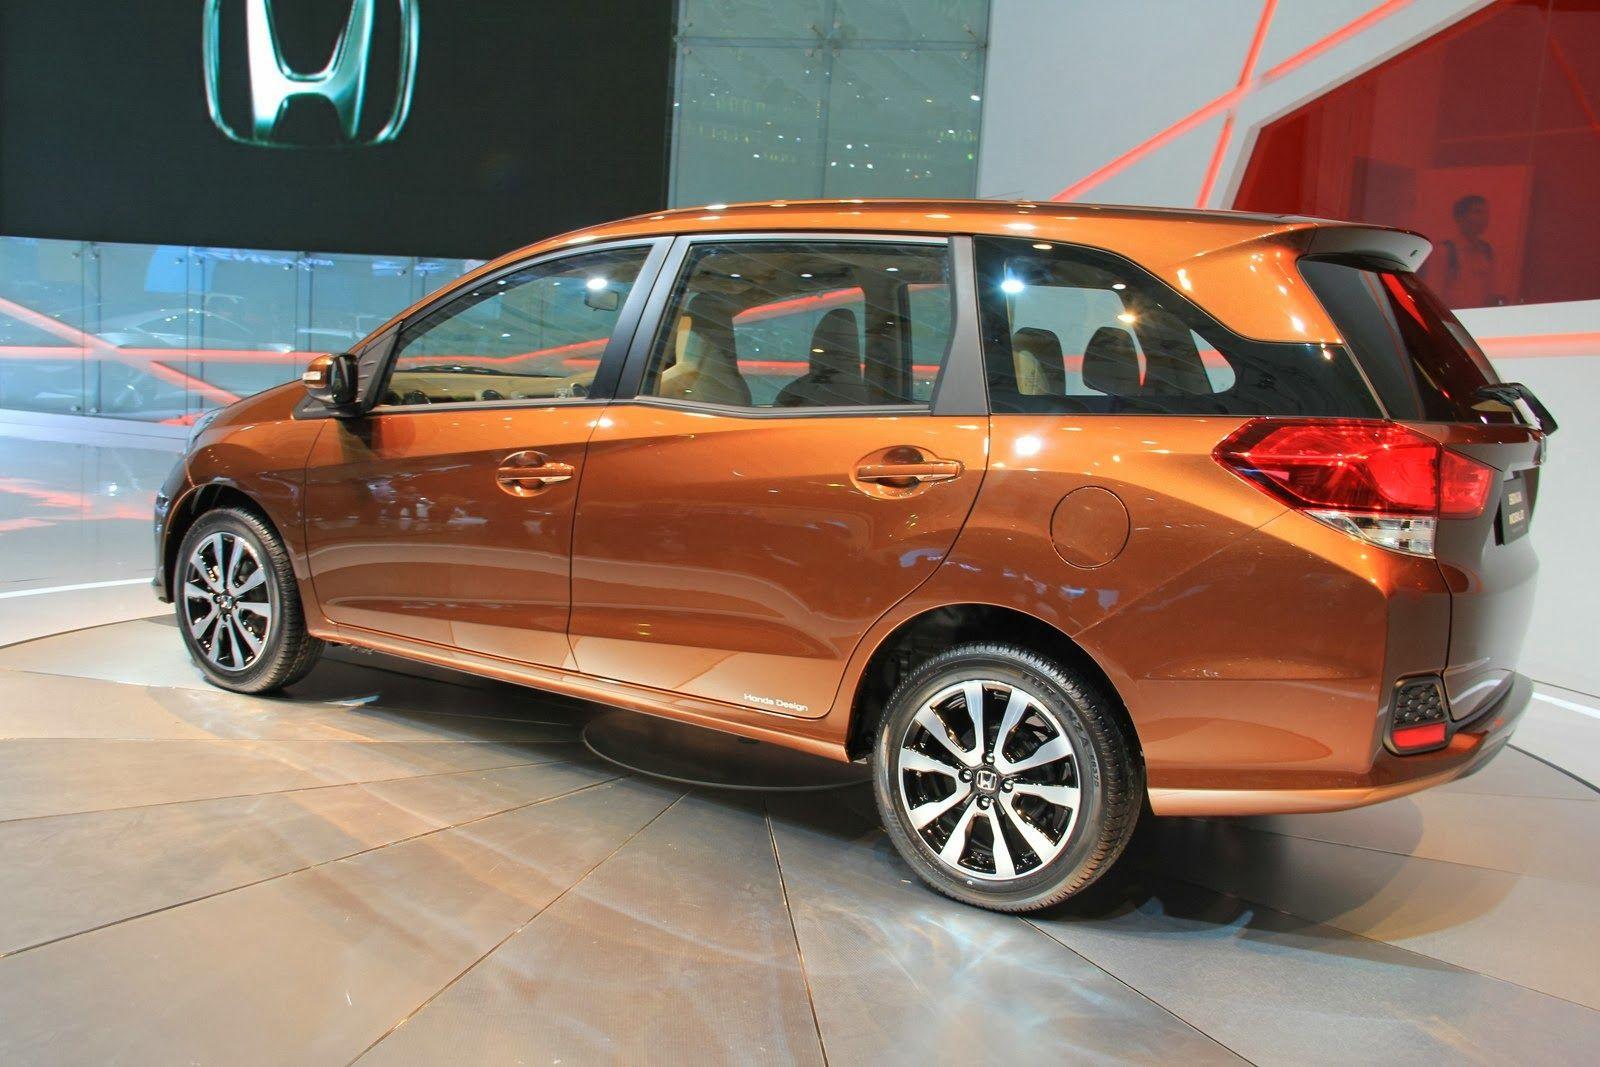 Kelebihan Kekurangan Harga Mobil Honda Mobilio Bekas Top Model Tahun Ini